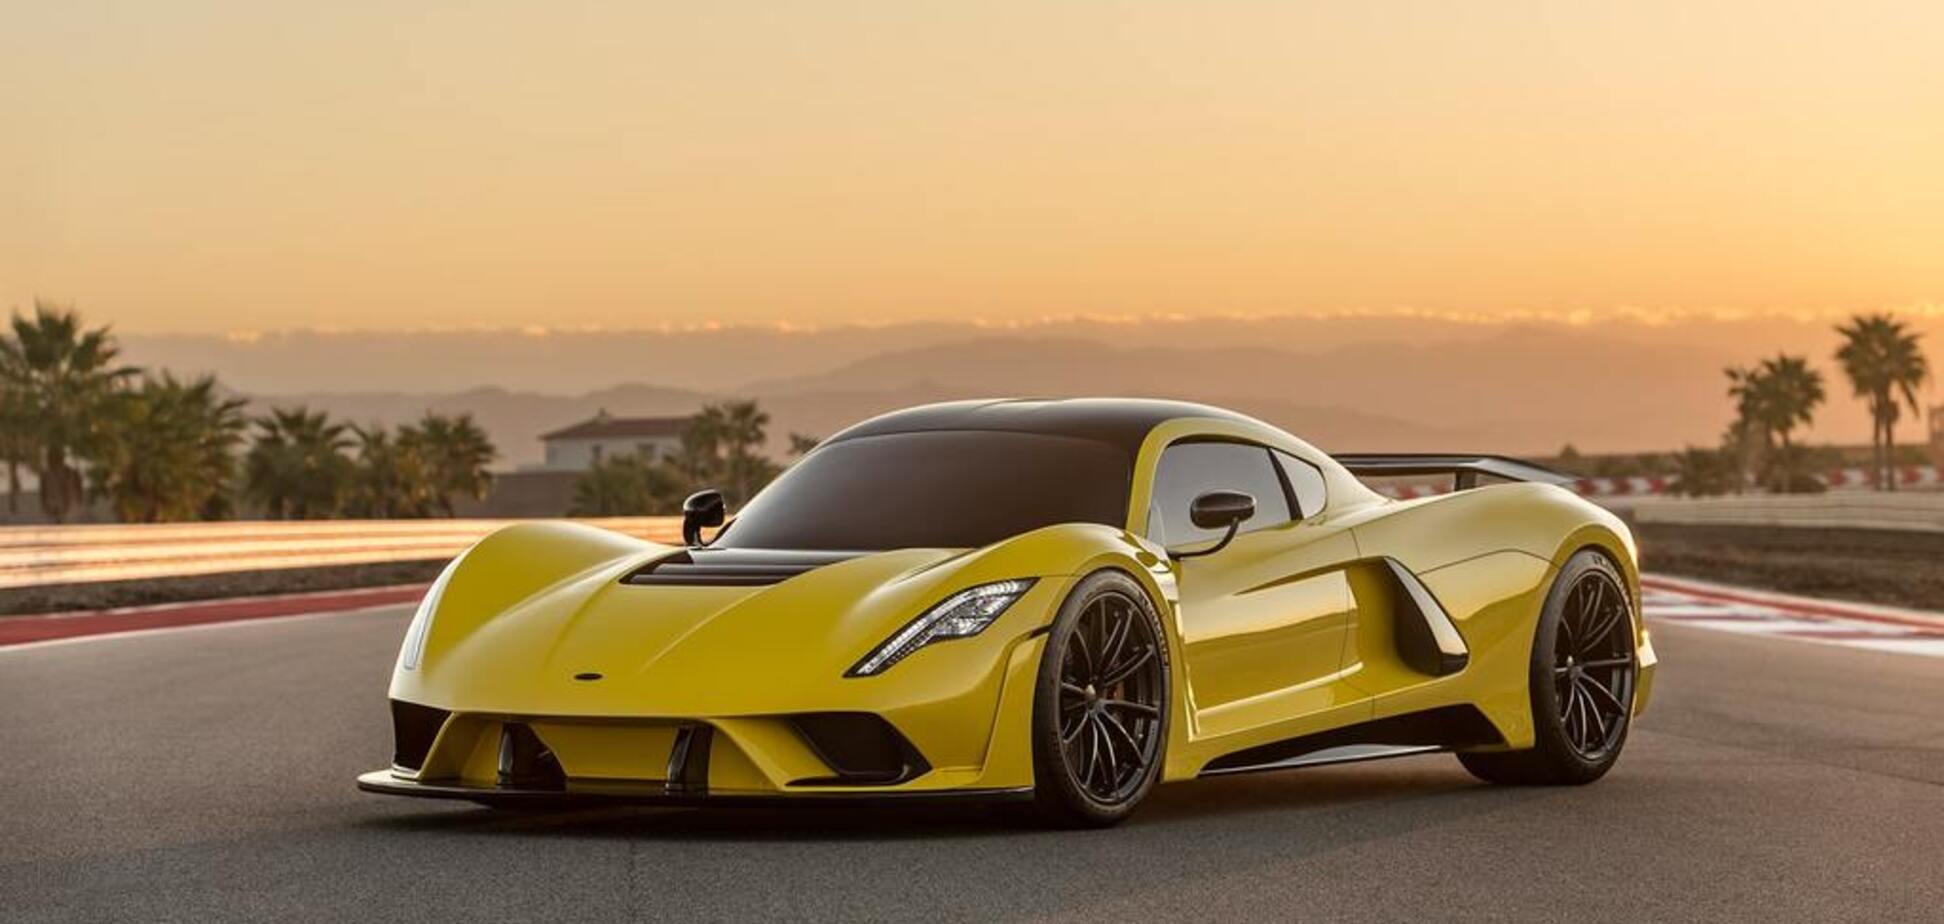 Разогнать до 500 км/ч: как выглядит самый быстрый суперкар